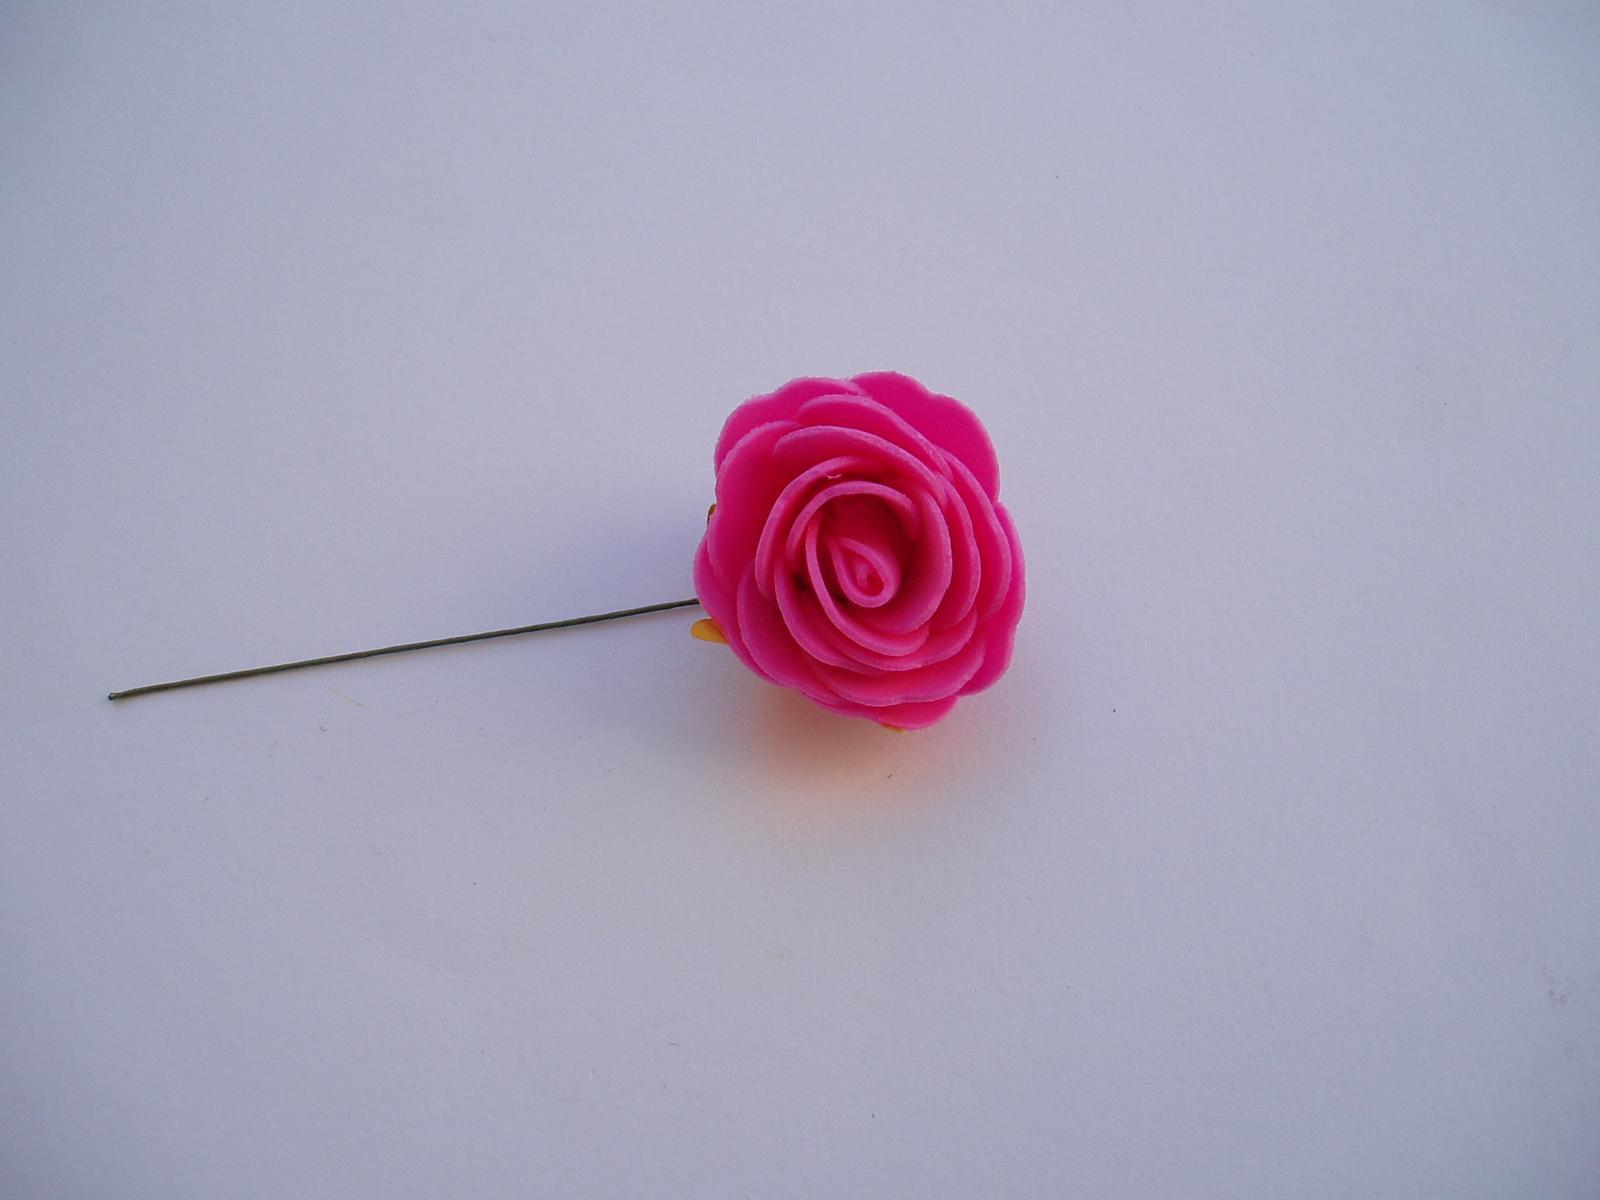 pěnová růže 4 cm - Obrázek č. 1